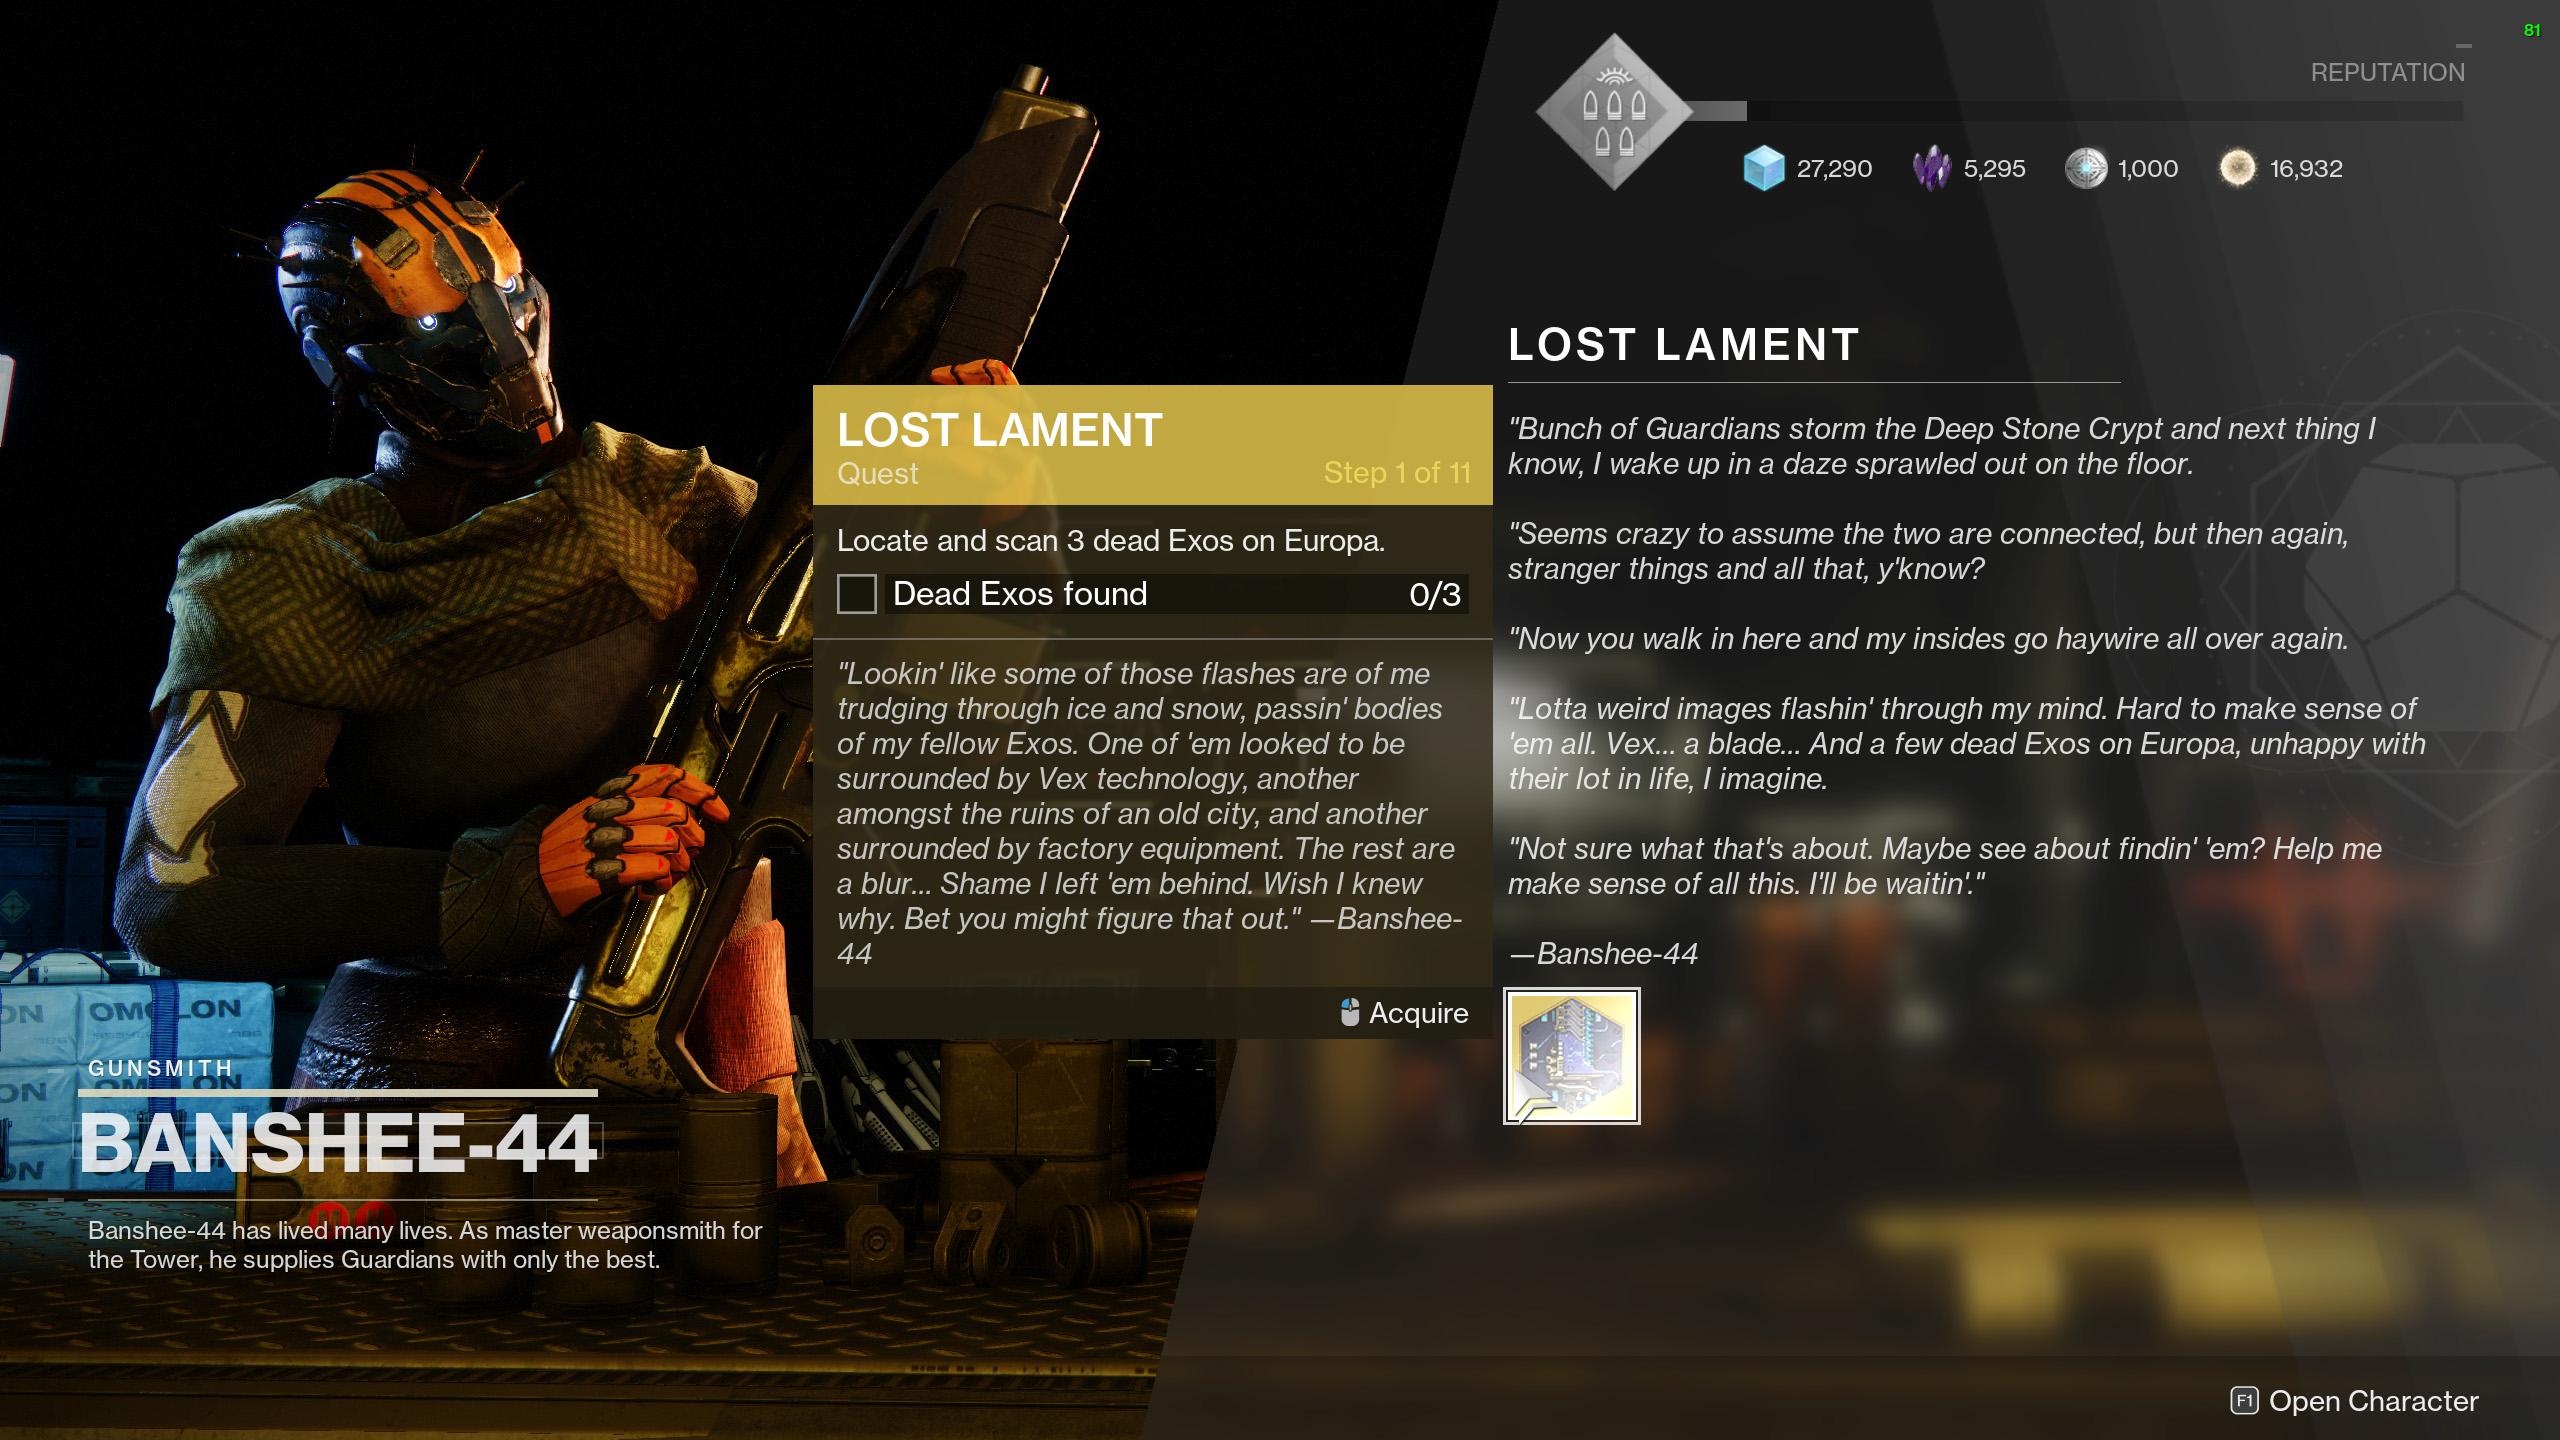 destiny 2 lost lament